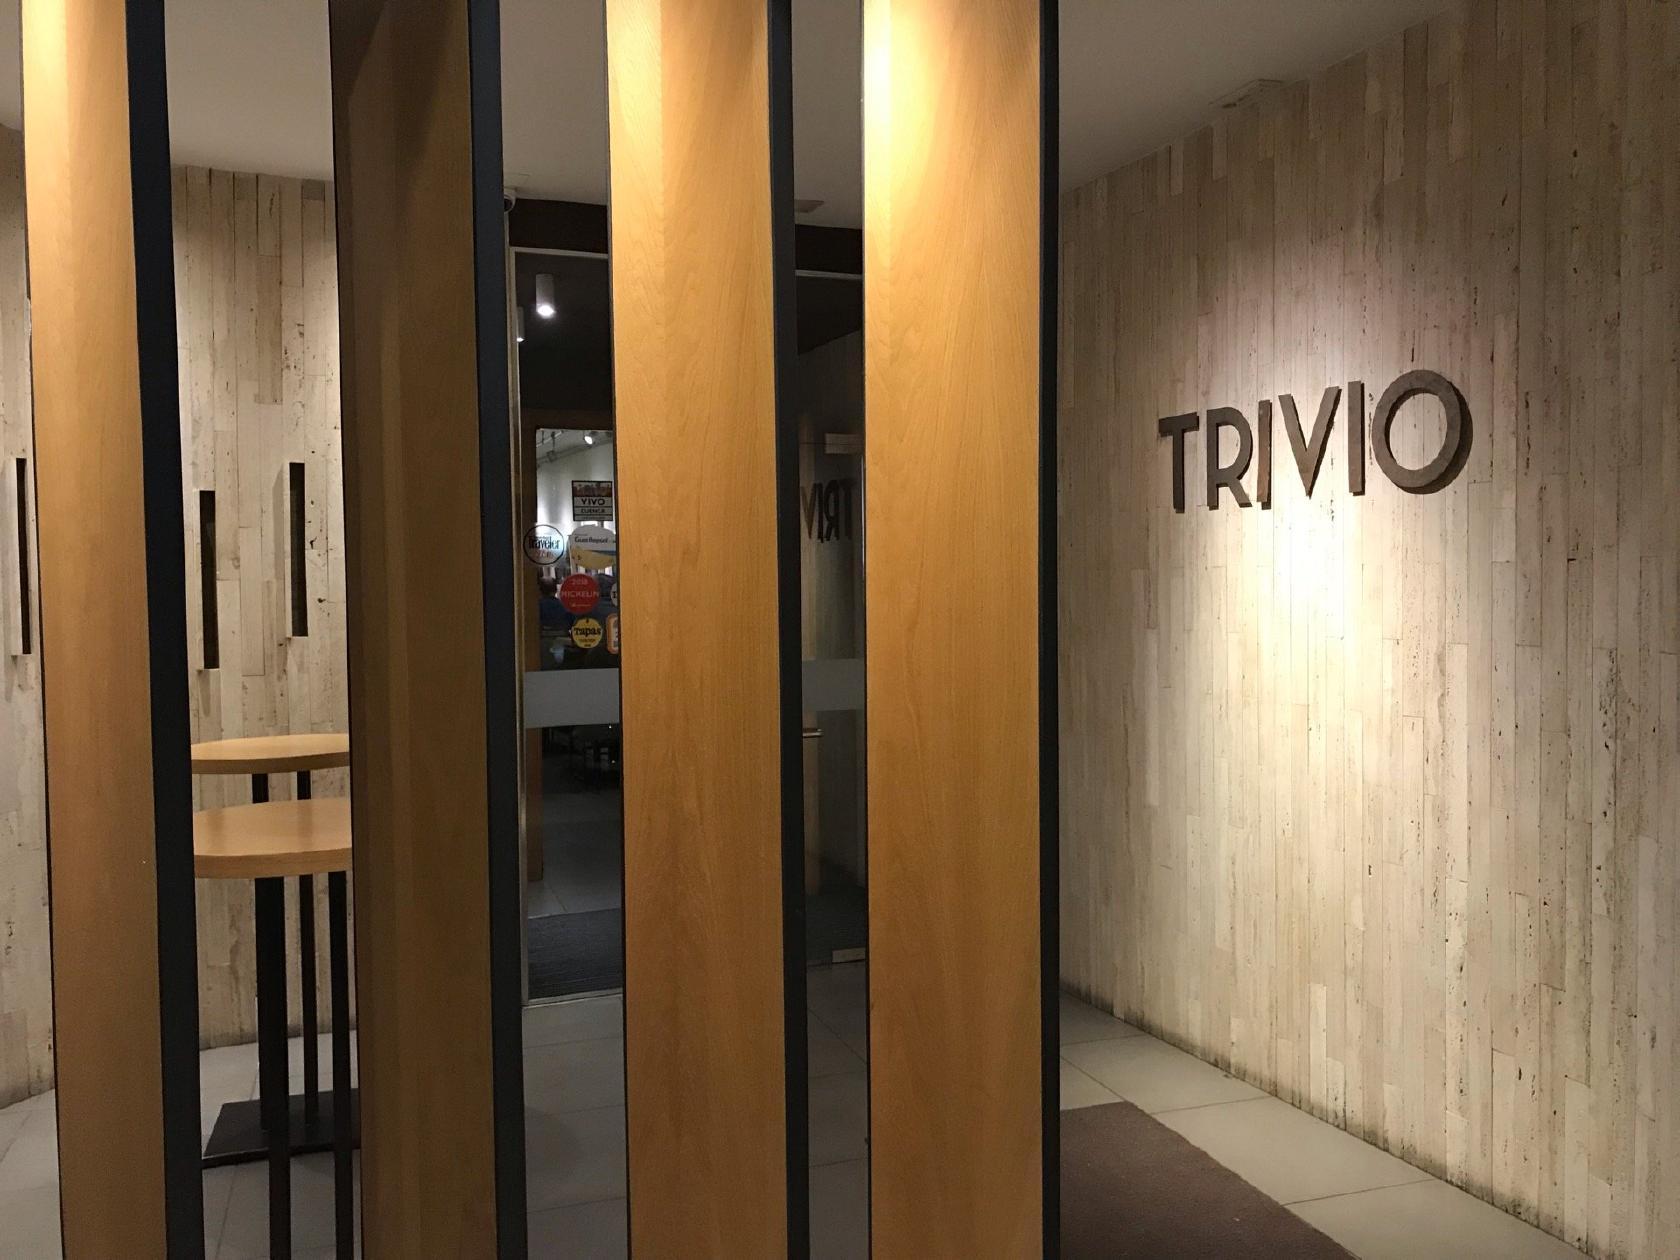 Restaurante_Trivio_cuenca_mirandoacuenca.es